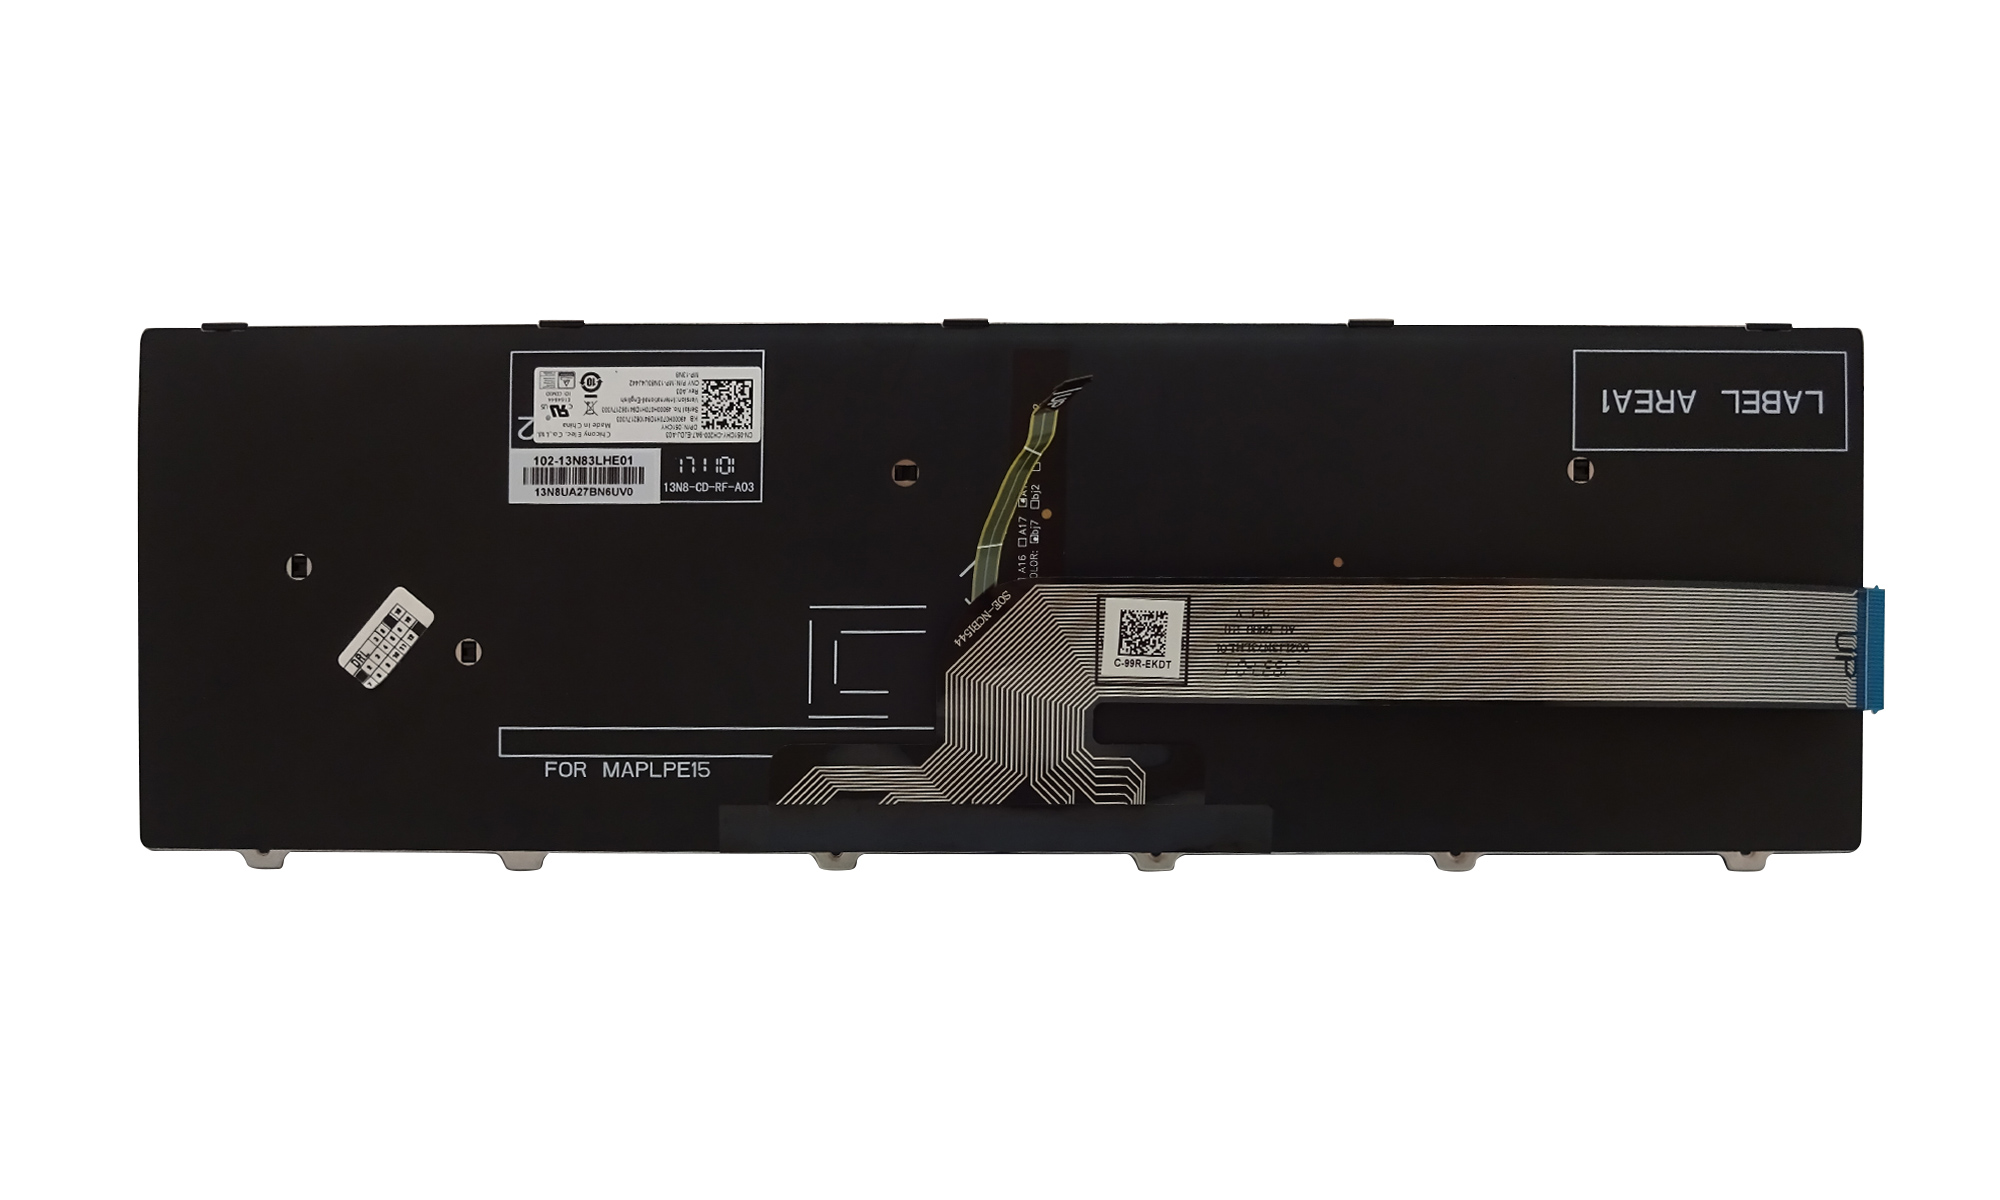 Tastatura originala Dell Inspiron 15 3541, 15 3542, 15 3543, 15 5555, 15 5558, 15 5559, Vostro 15 3558, neagra, cu iluminare, layout US, model 51CHY